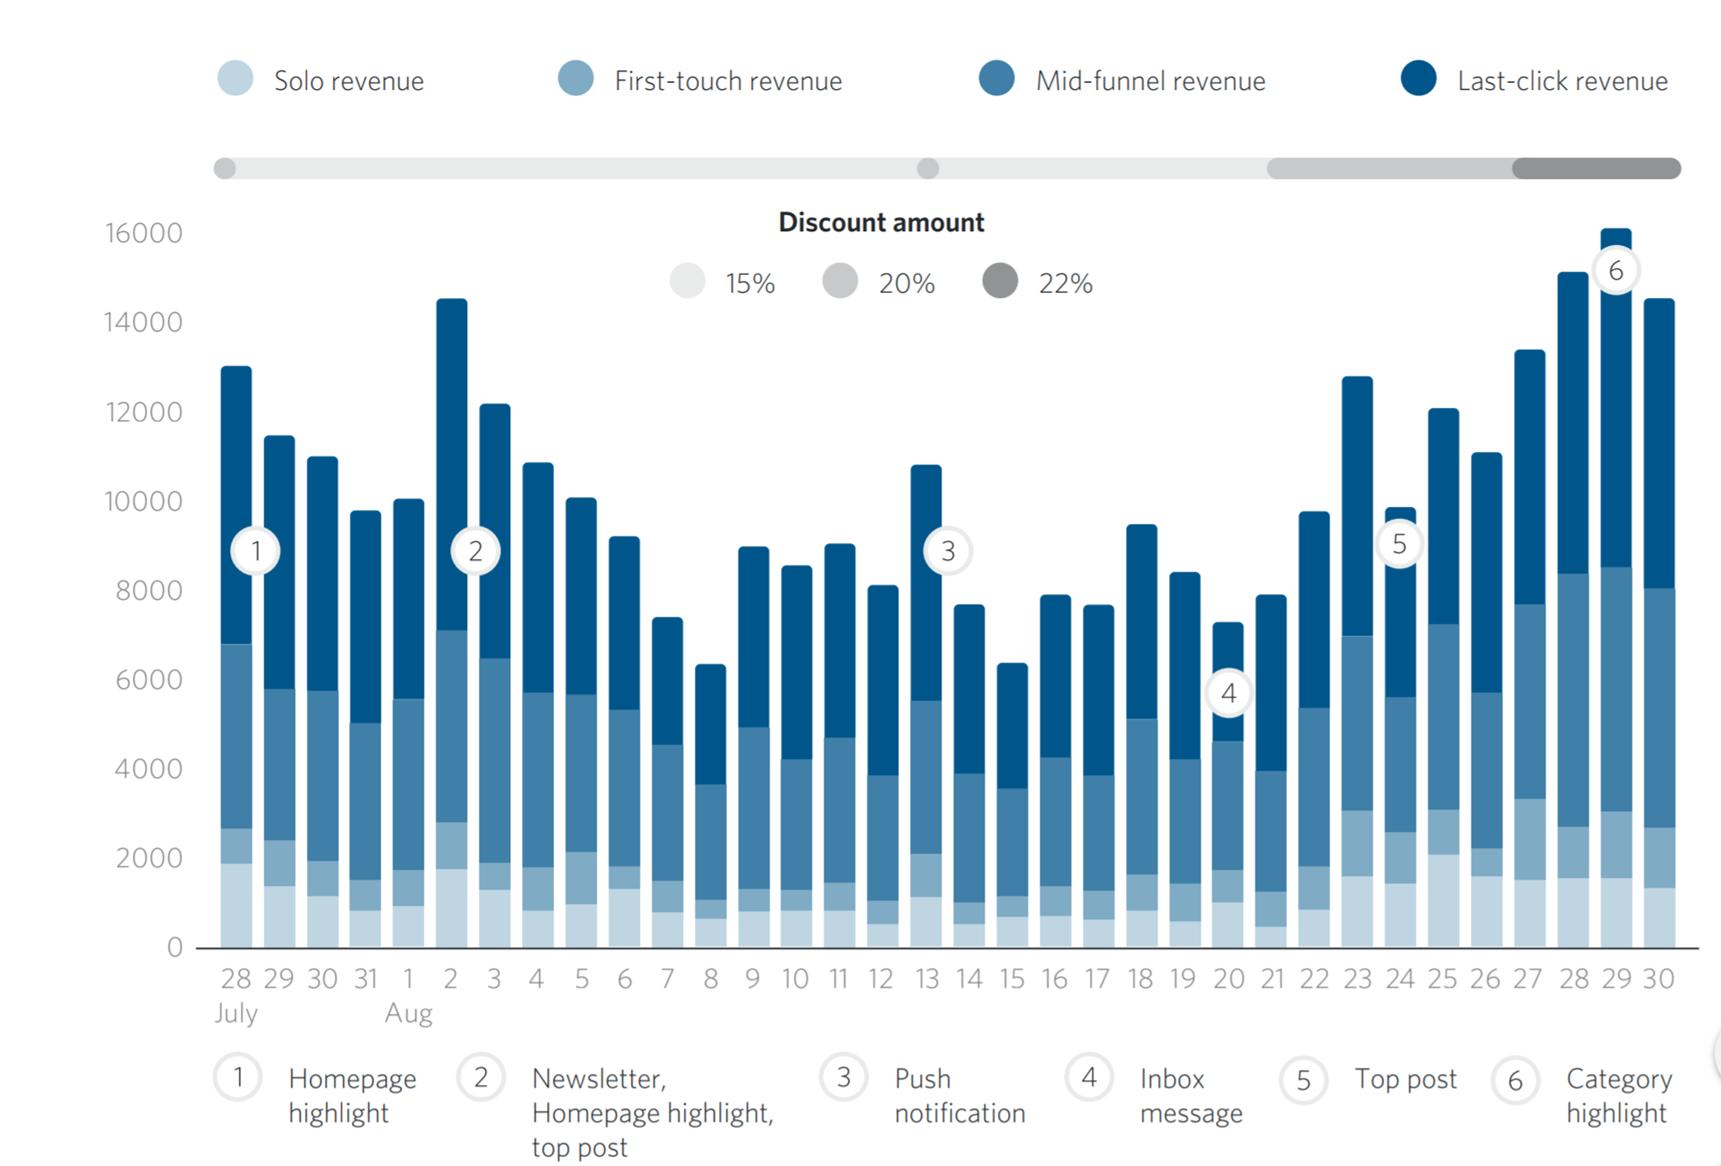 Grafik Discount Amount des attribuierten Umsatzes unter Berücksichtigung der Wirkung innerhalb der Customer Journey